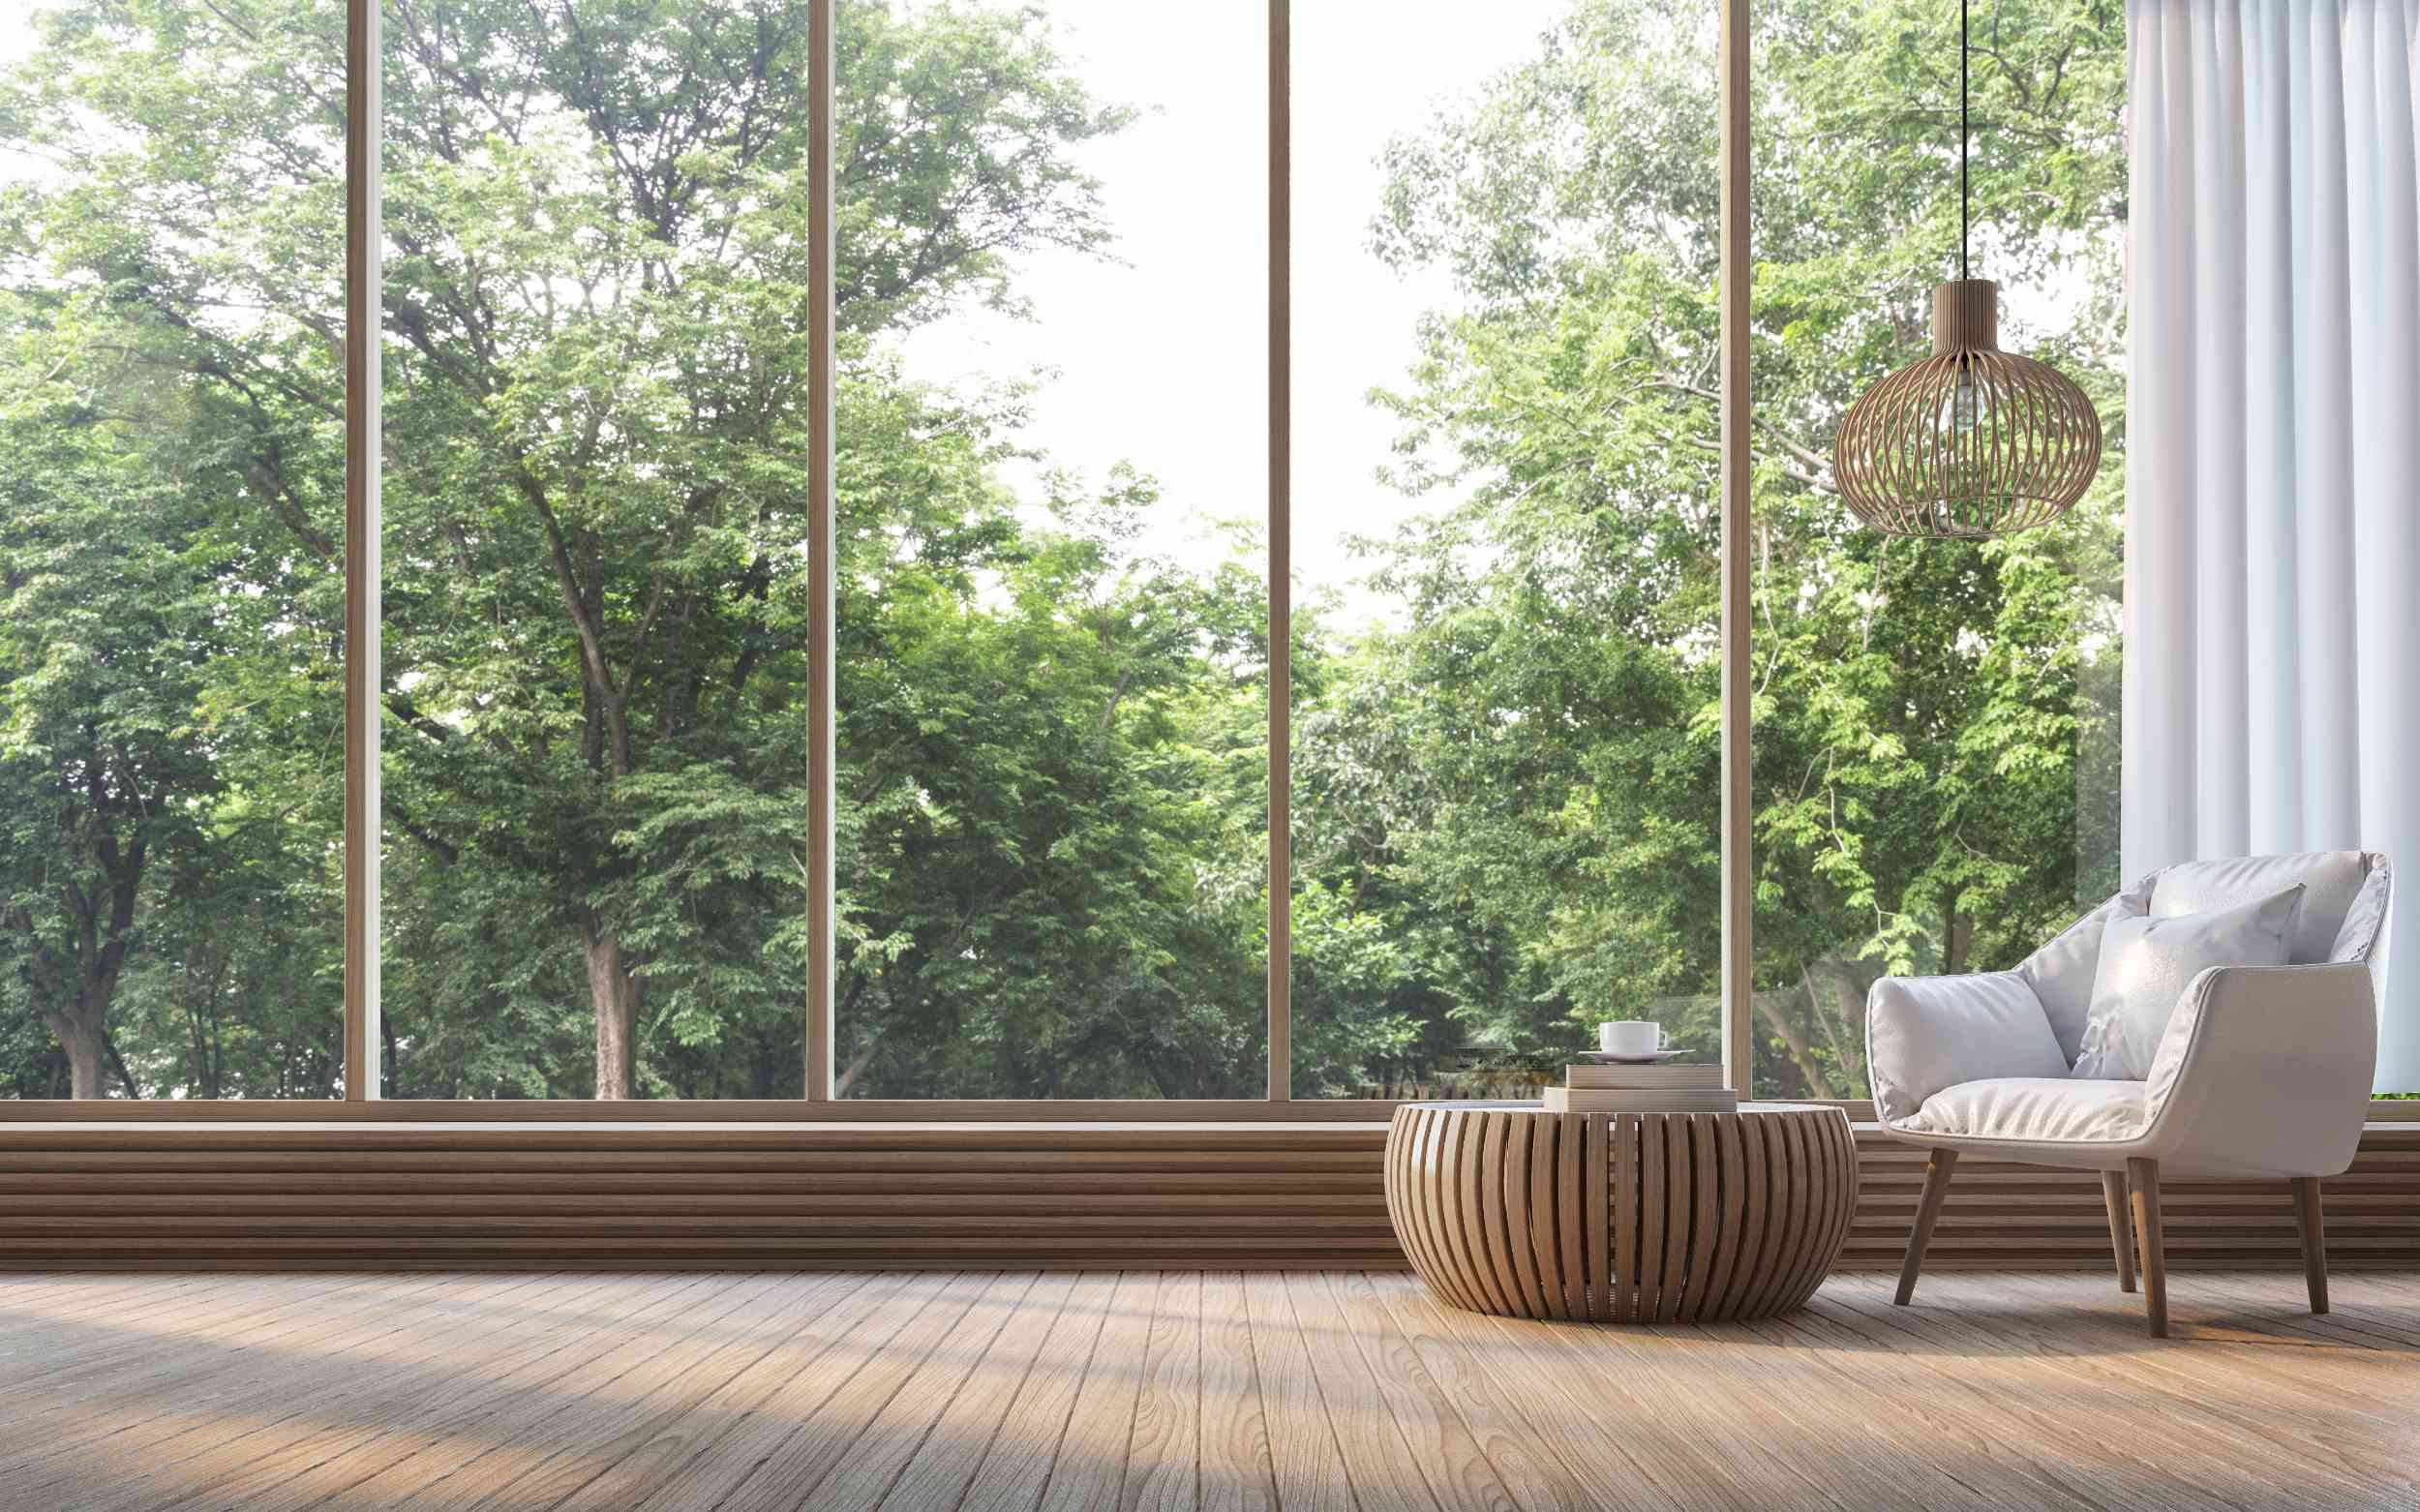 Sitzecke vor großer Fensterfront ins Grüne